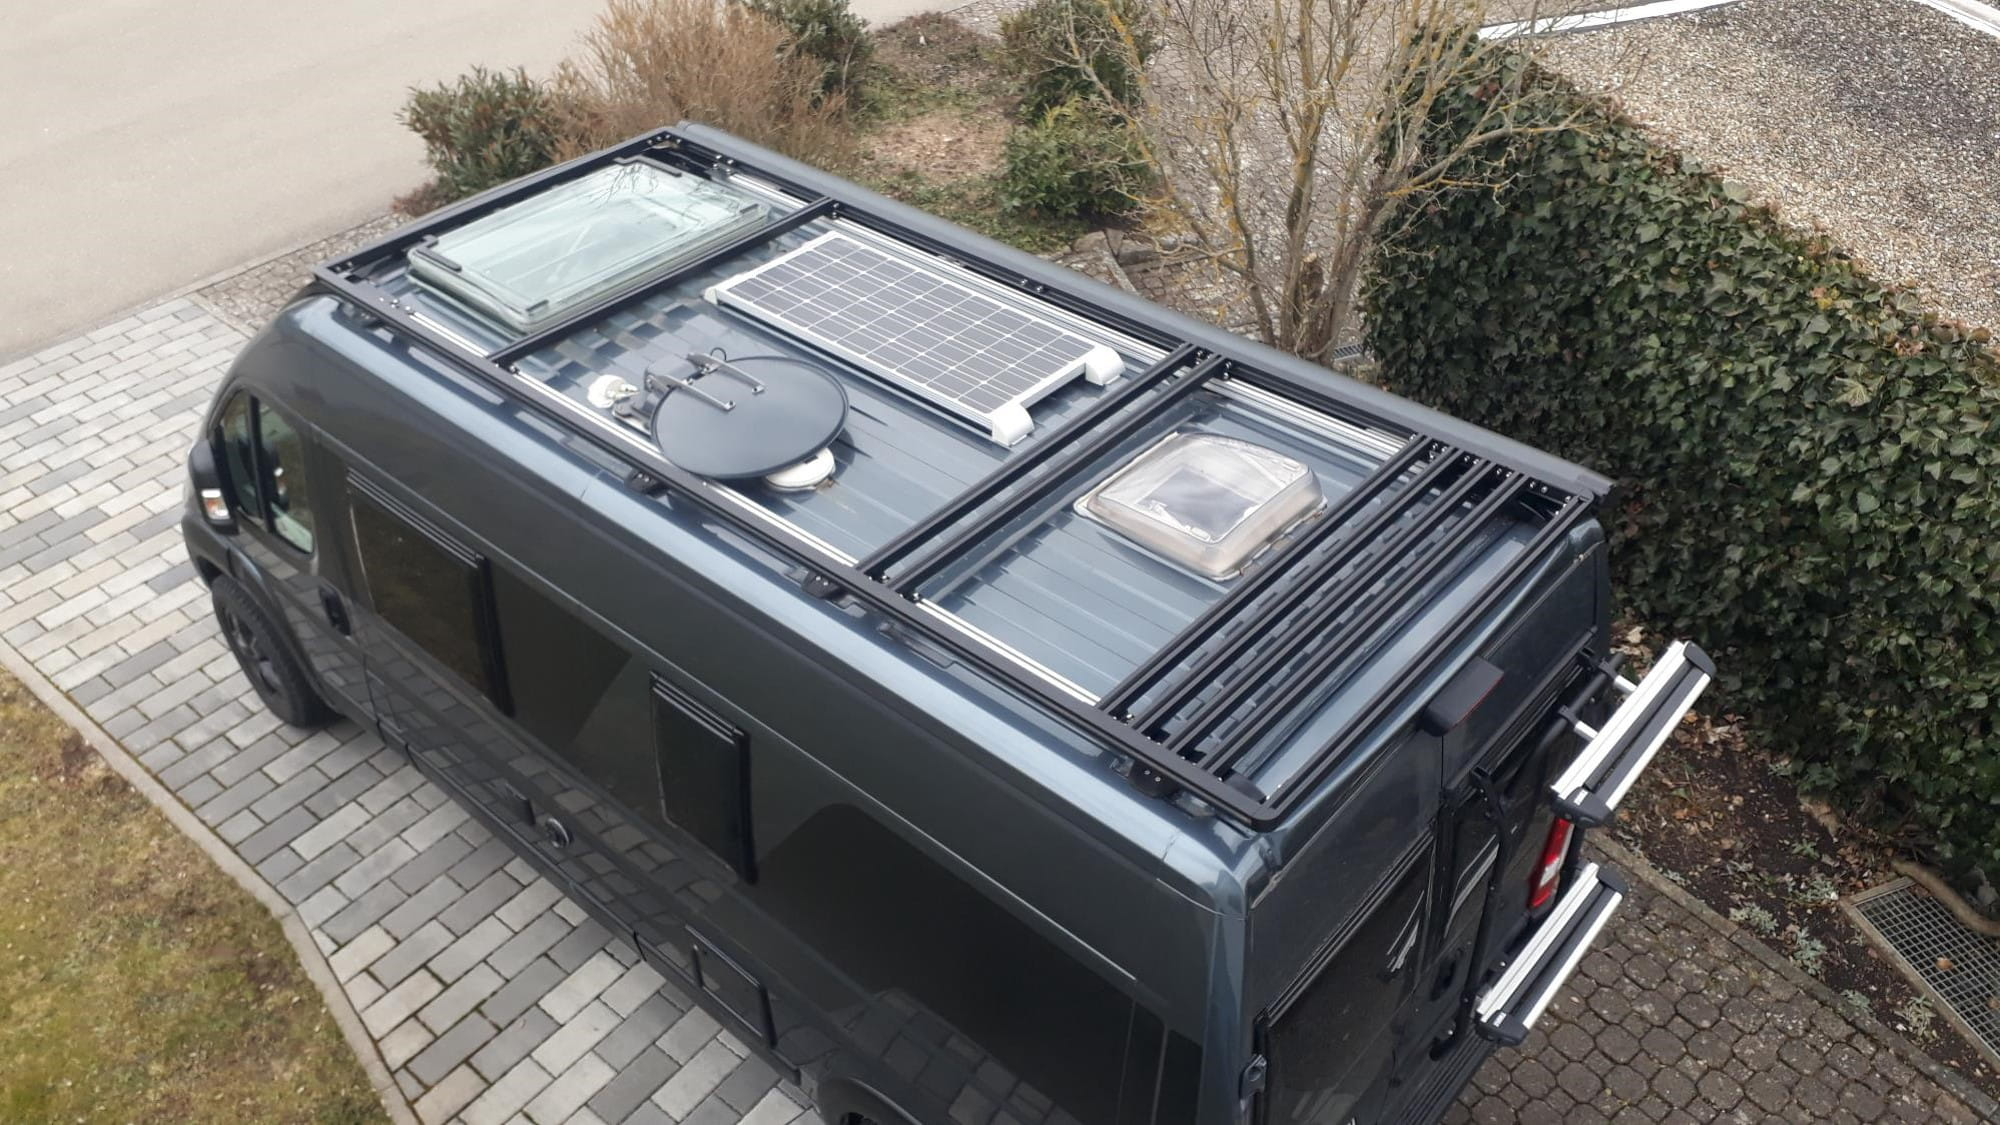 Peugeot Boxer mit Dachträger und Satellitenschüssel